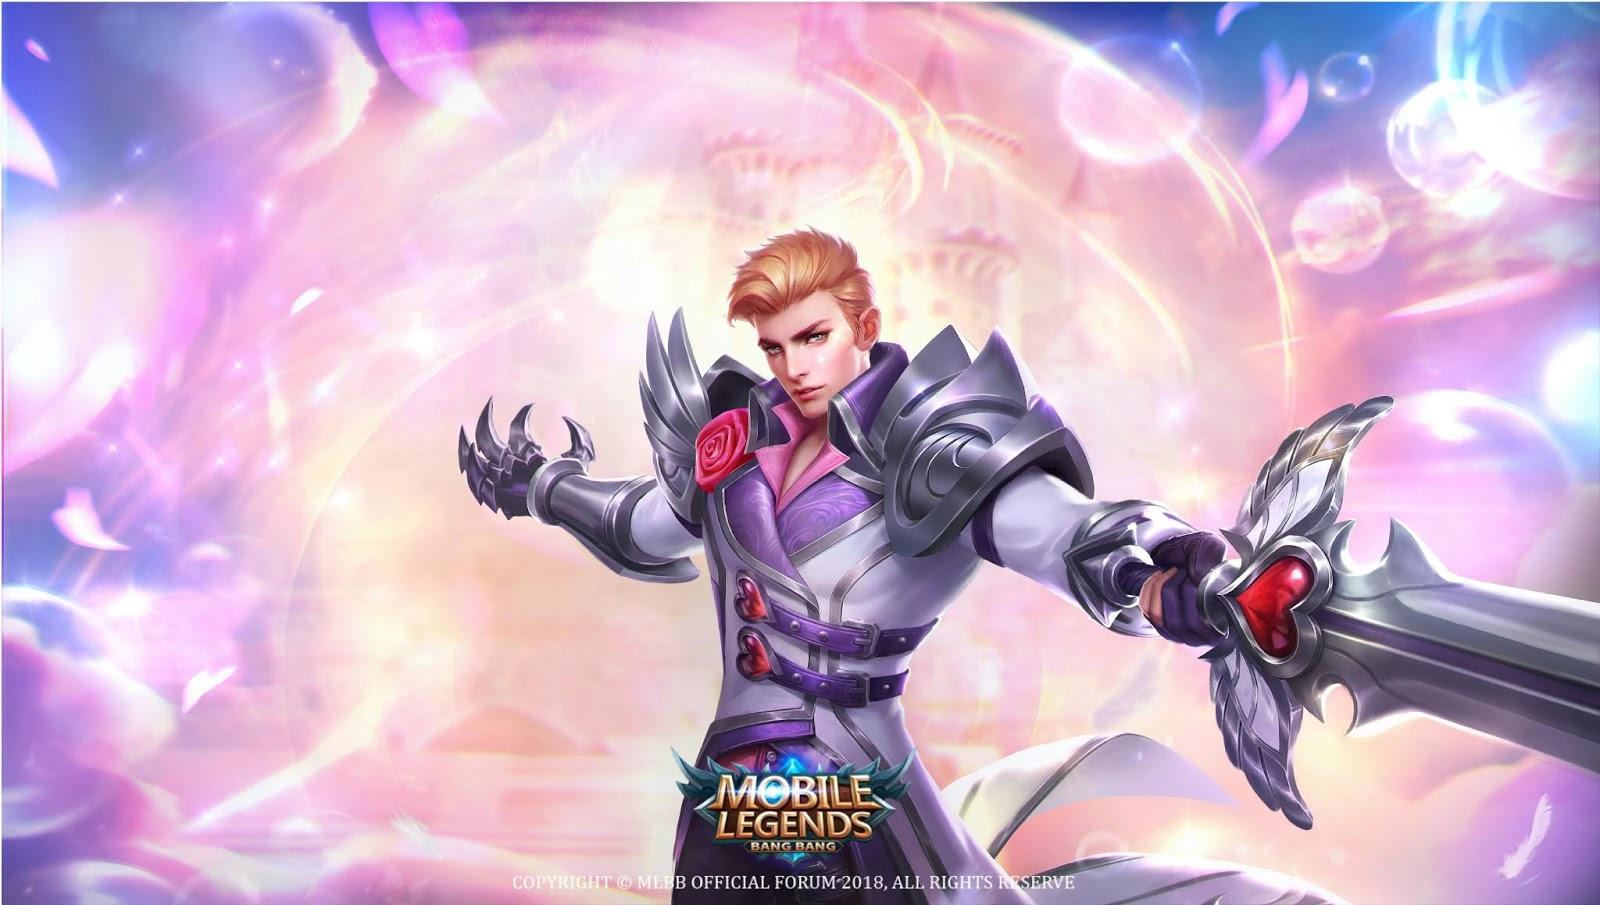 Mobile Legends Bang Bang Wallpaper: Mobile Legends Special